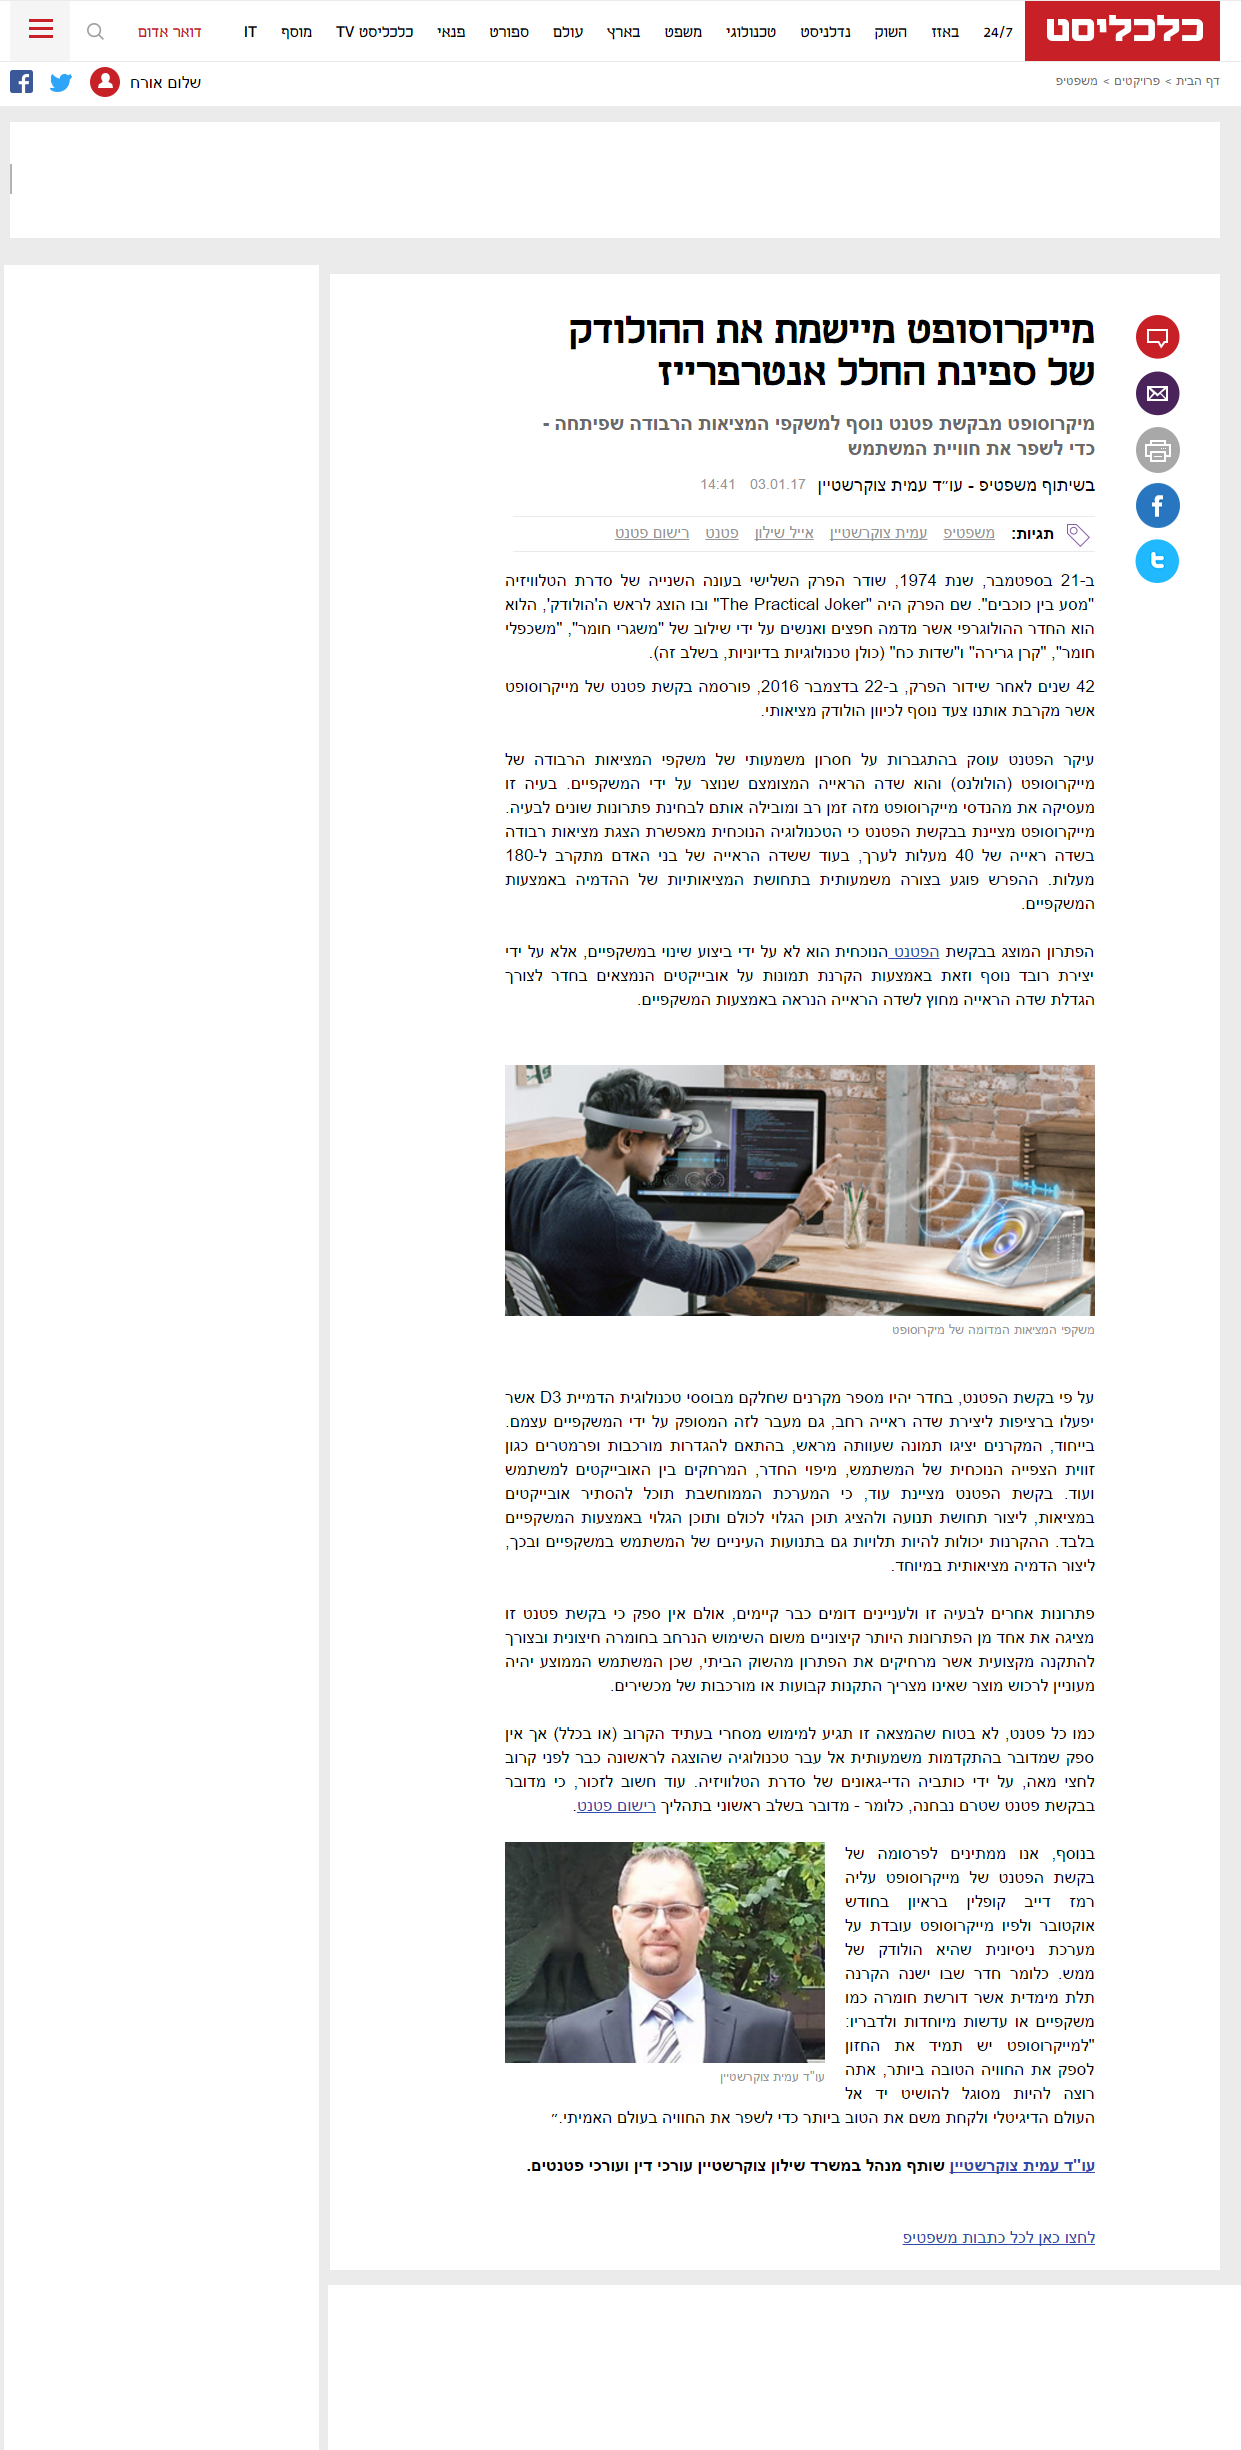 כלכליסט (אתר), 03/01/2017, מייקרוסופט מיישמת את ההולודק של ספינת החלל אנטרפרייז